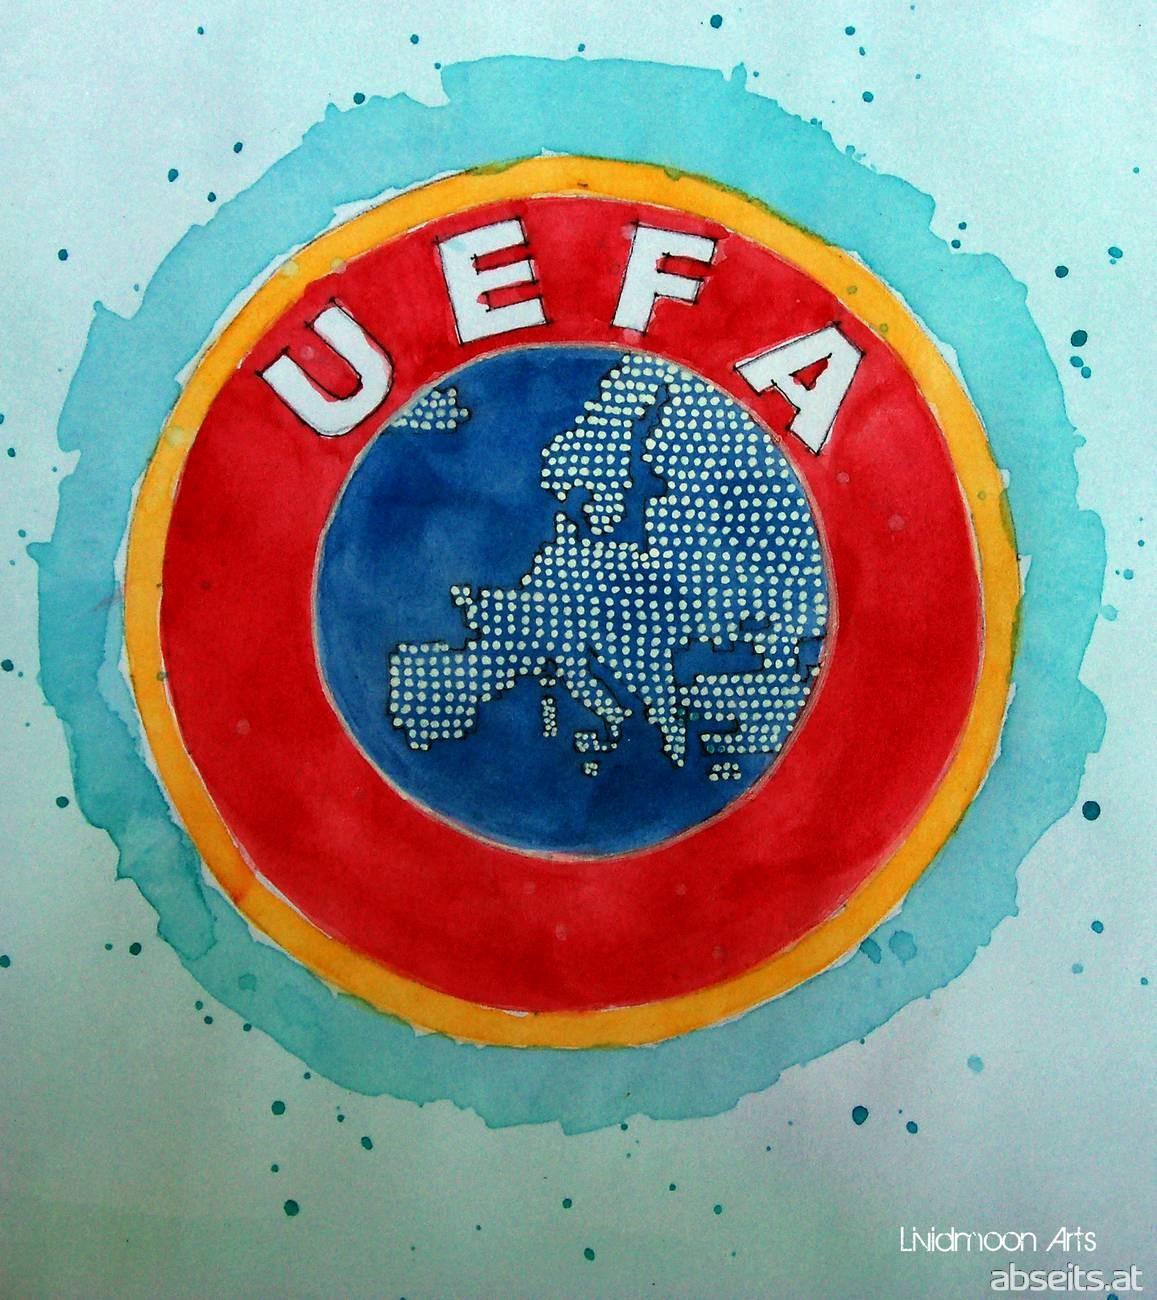 UEFA Logo_abseits.at